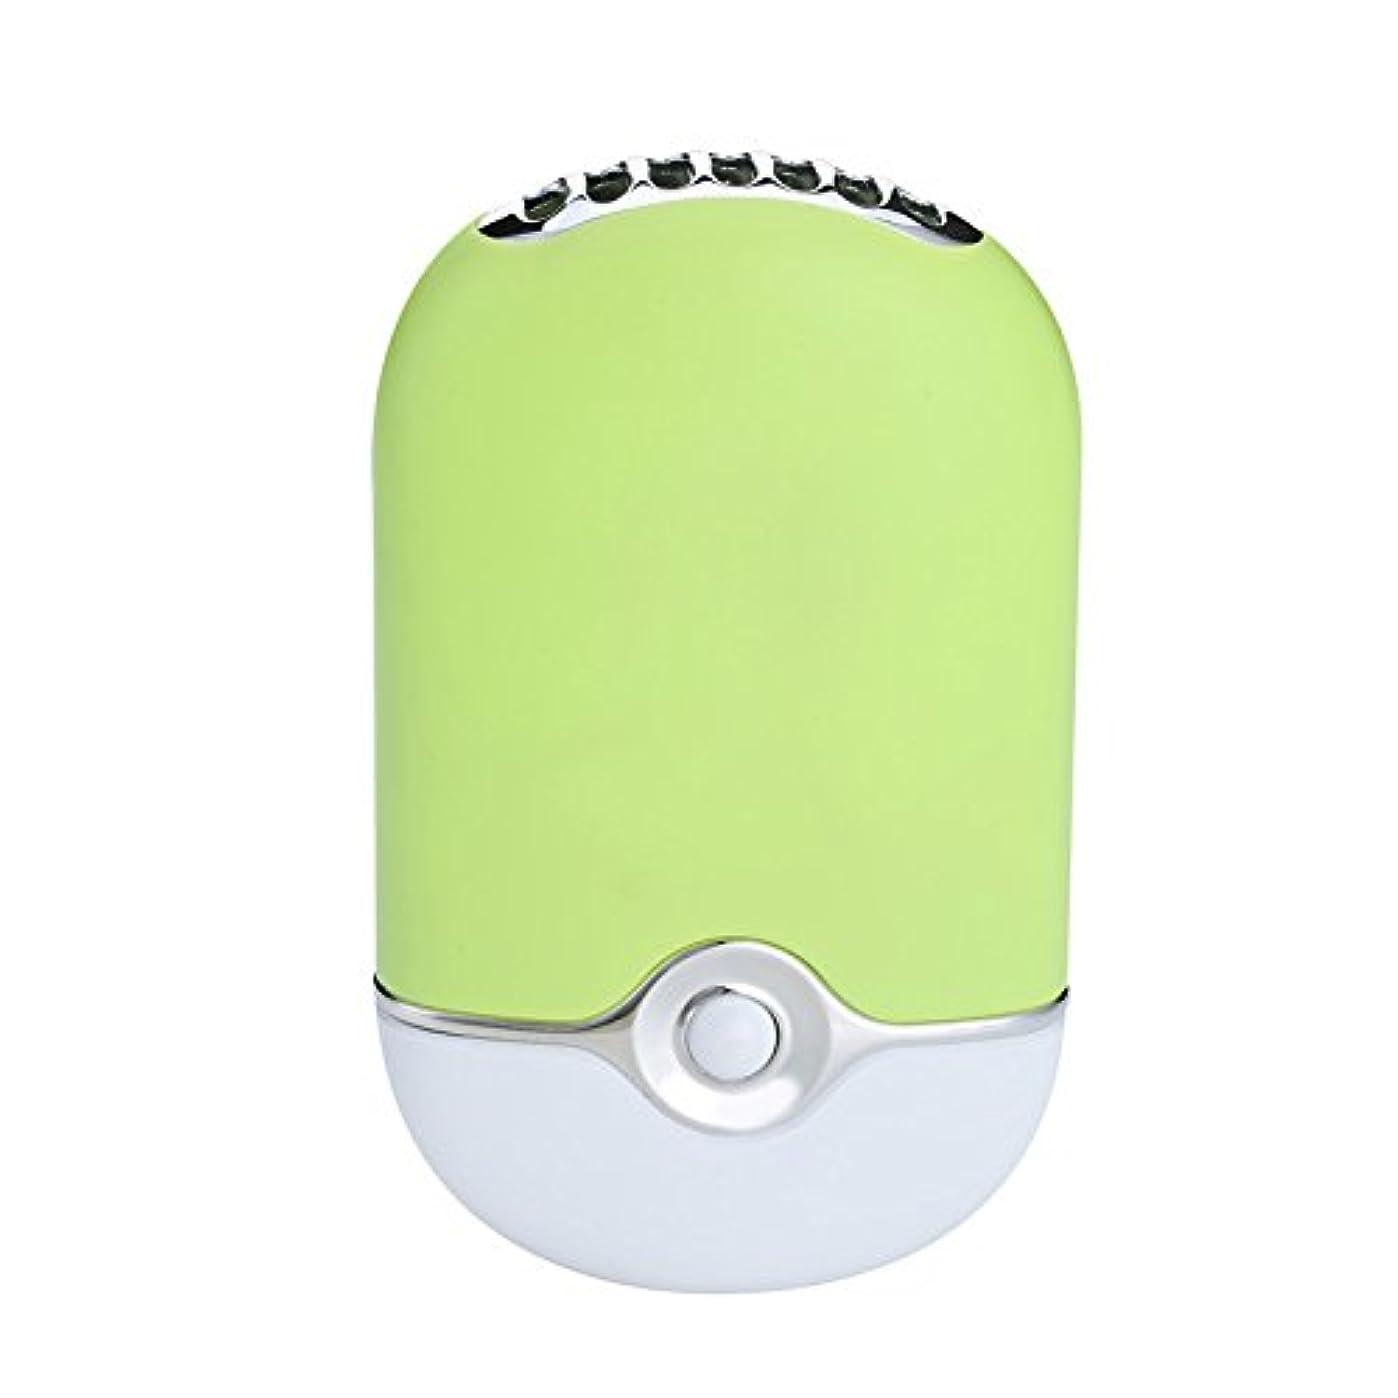 購入遠え放射するMengshen まつ毛ドライヤー くぎ ネイルドライヤー ハンドヘルドクイックドライヤー まつげエクステ用 USB ミニファンブロワー 速乾性 F015 Green